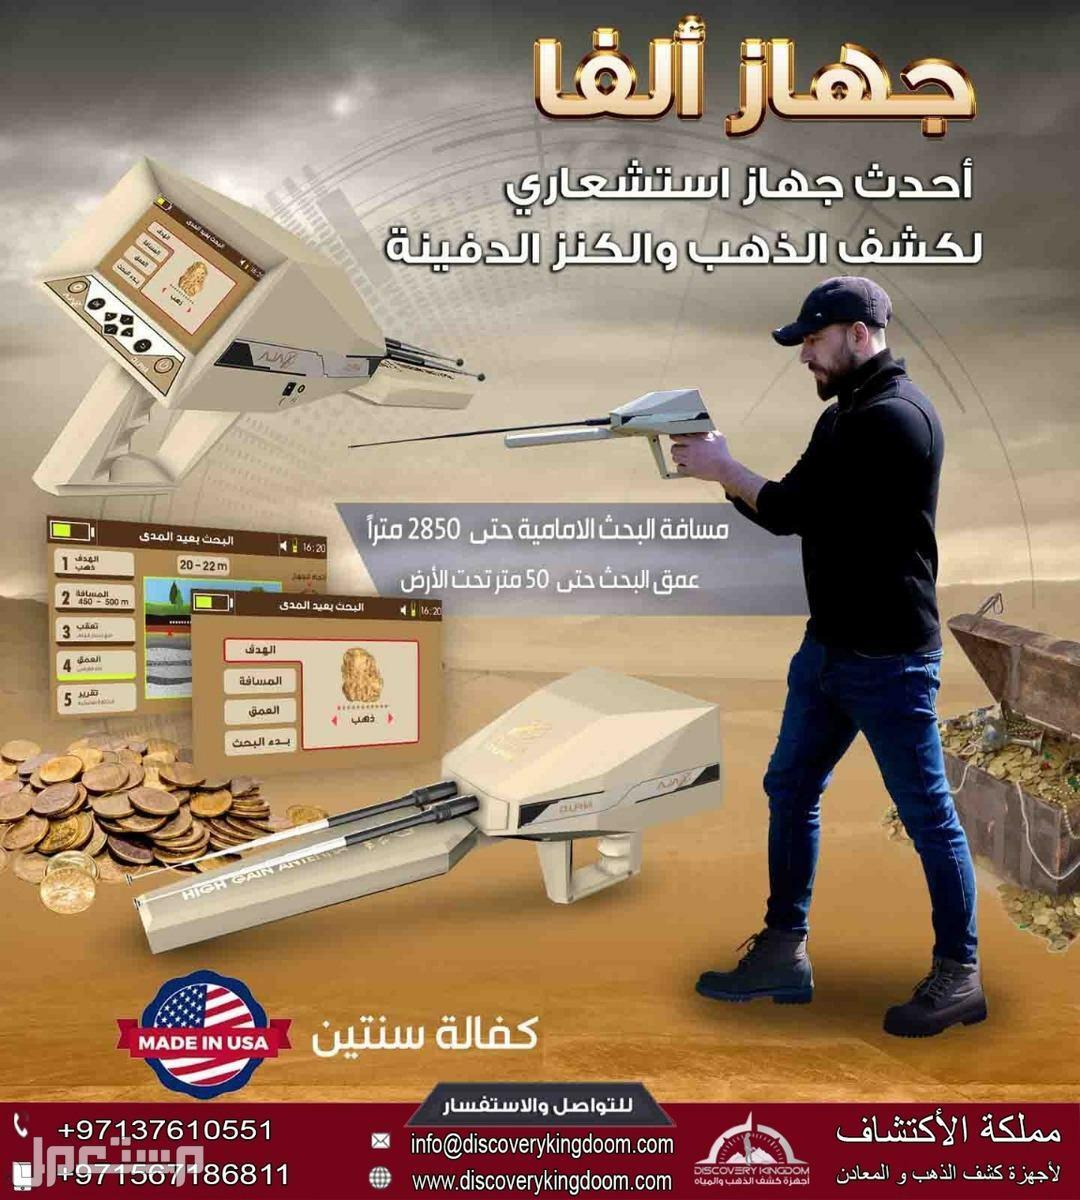 جهاز اجاكس الفا / الاستشعاري للبحث عن الذهب في اليمن 2021